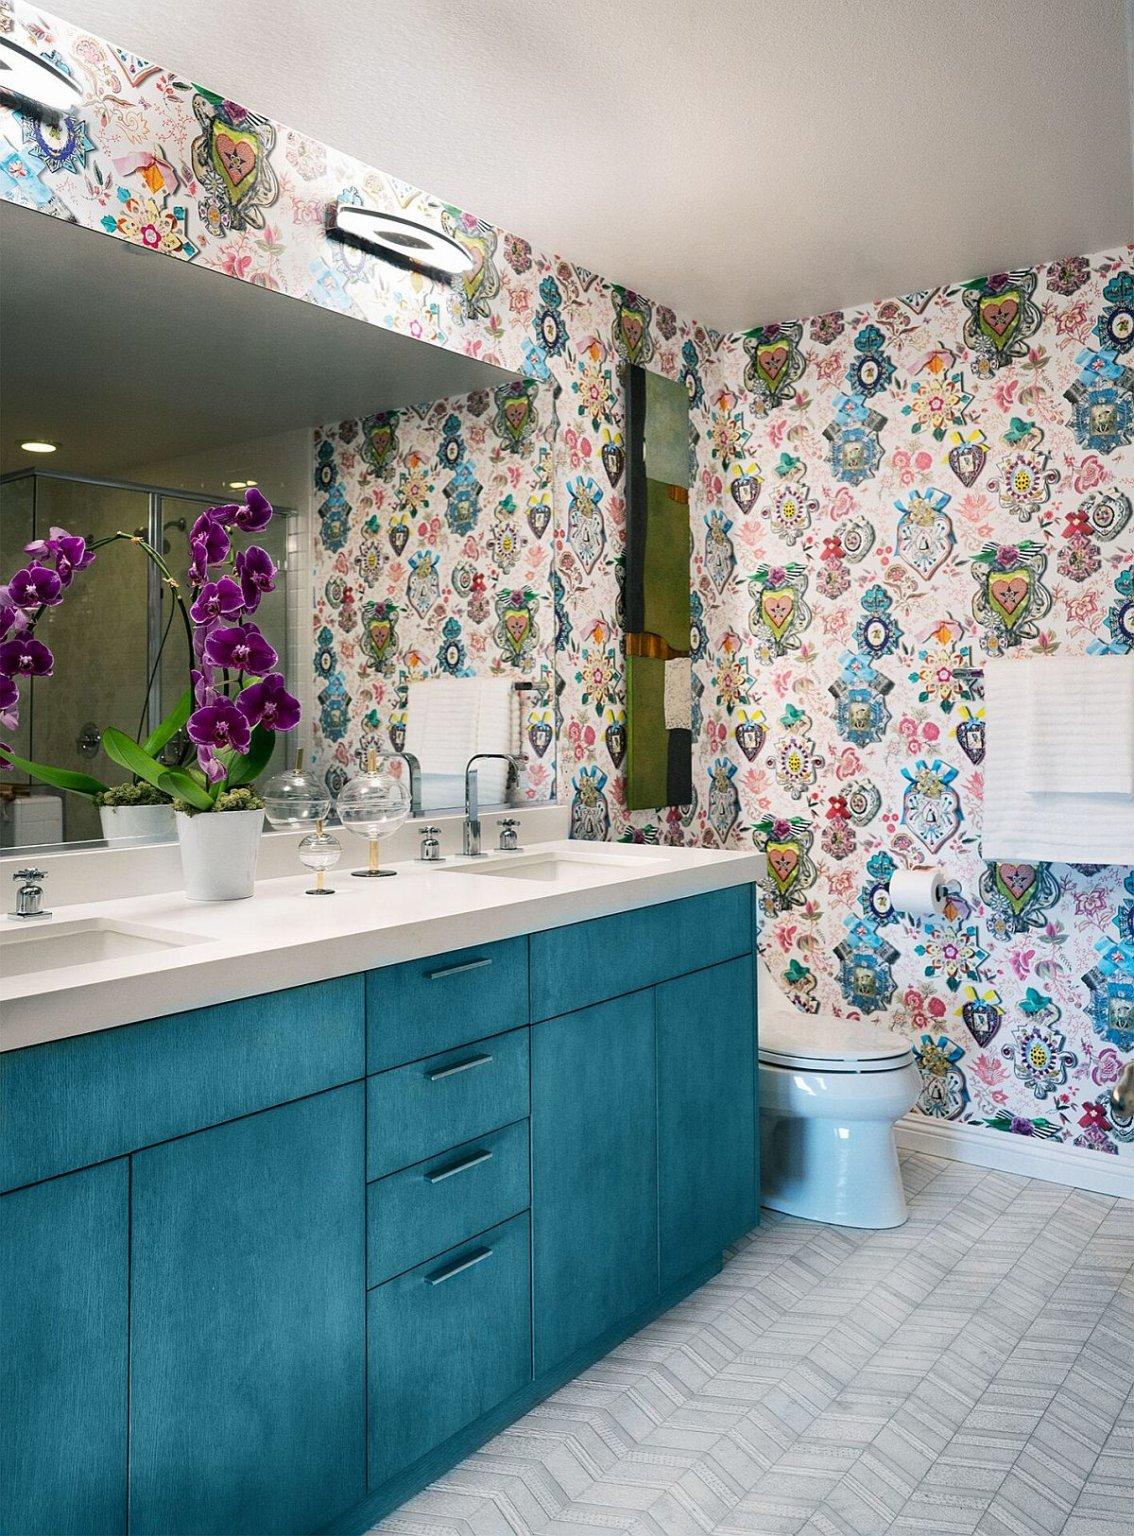 Hình ảnh một góc phòng tắm với giấy dán tường họa tiết sống động, tủ lưu trữ màu xanh dương nhẹ nhàng.